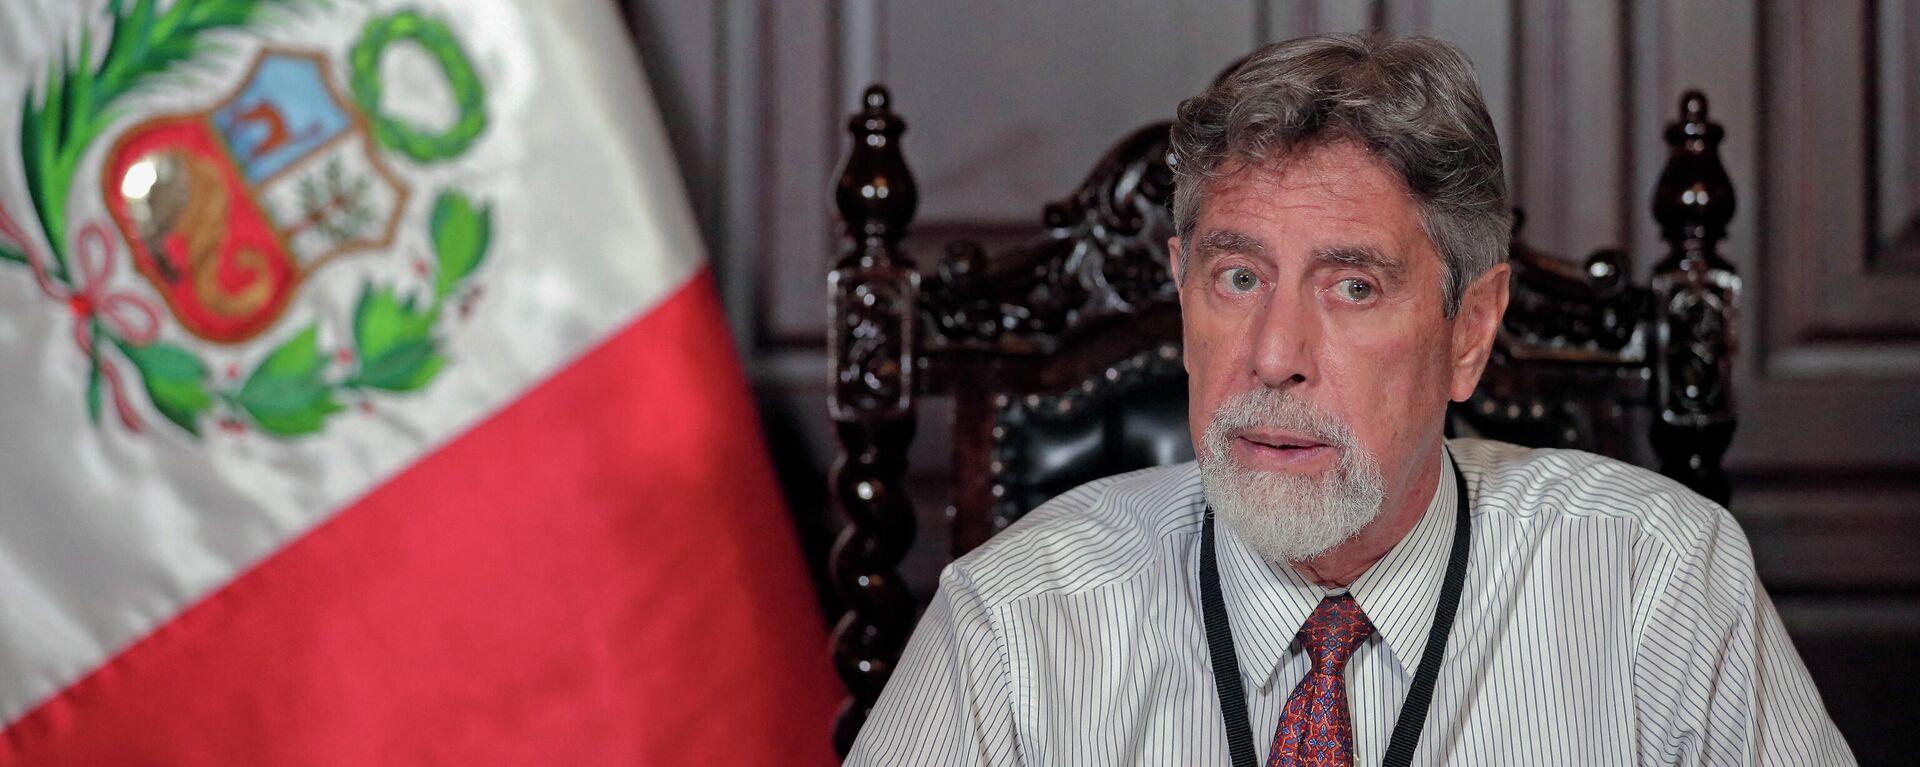 Francisco Sagasti, presidente de Perú - Sputnik Mundo, 1920, 13.07.2021